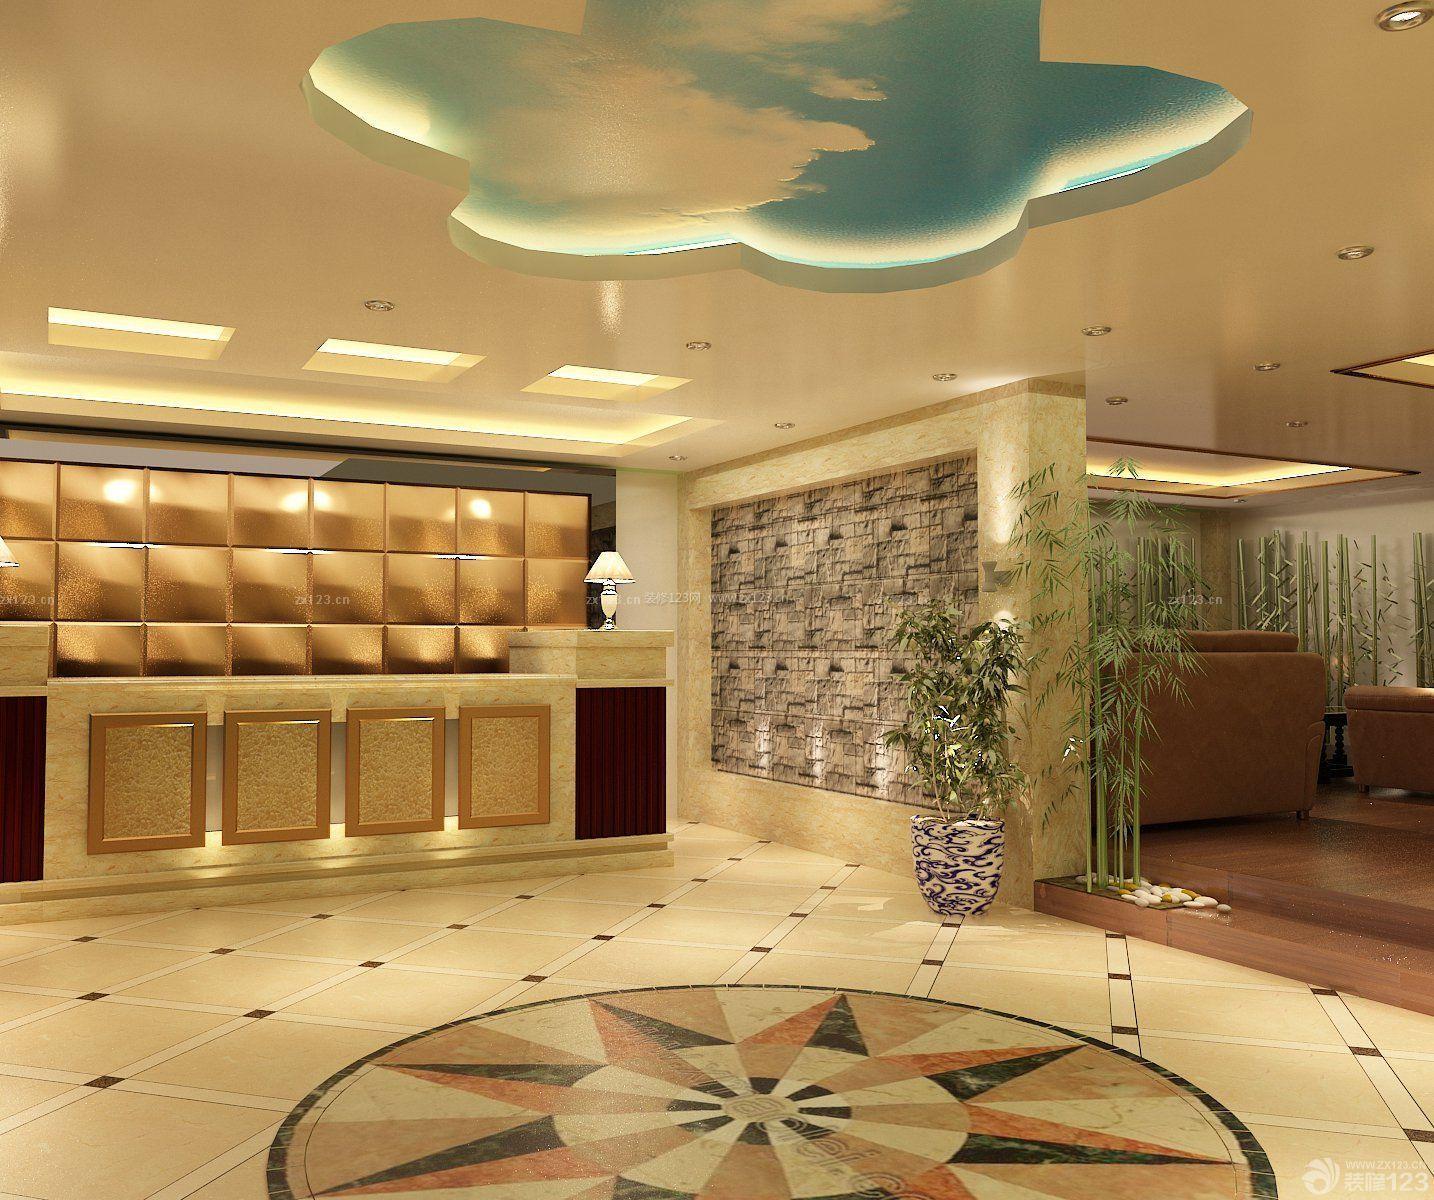 酒店大厅吧台装修效果图